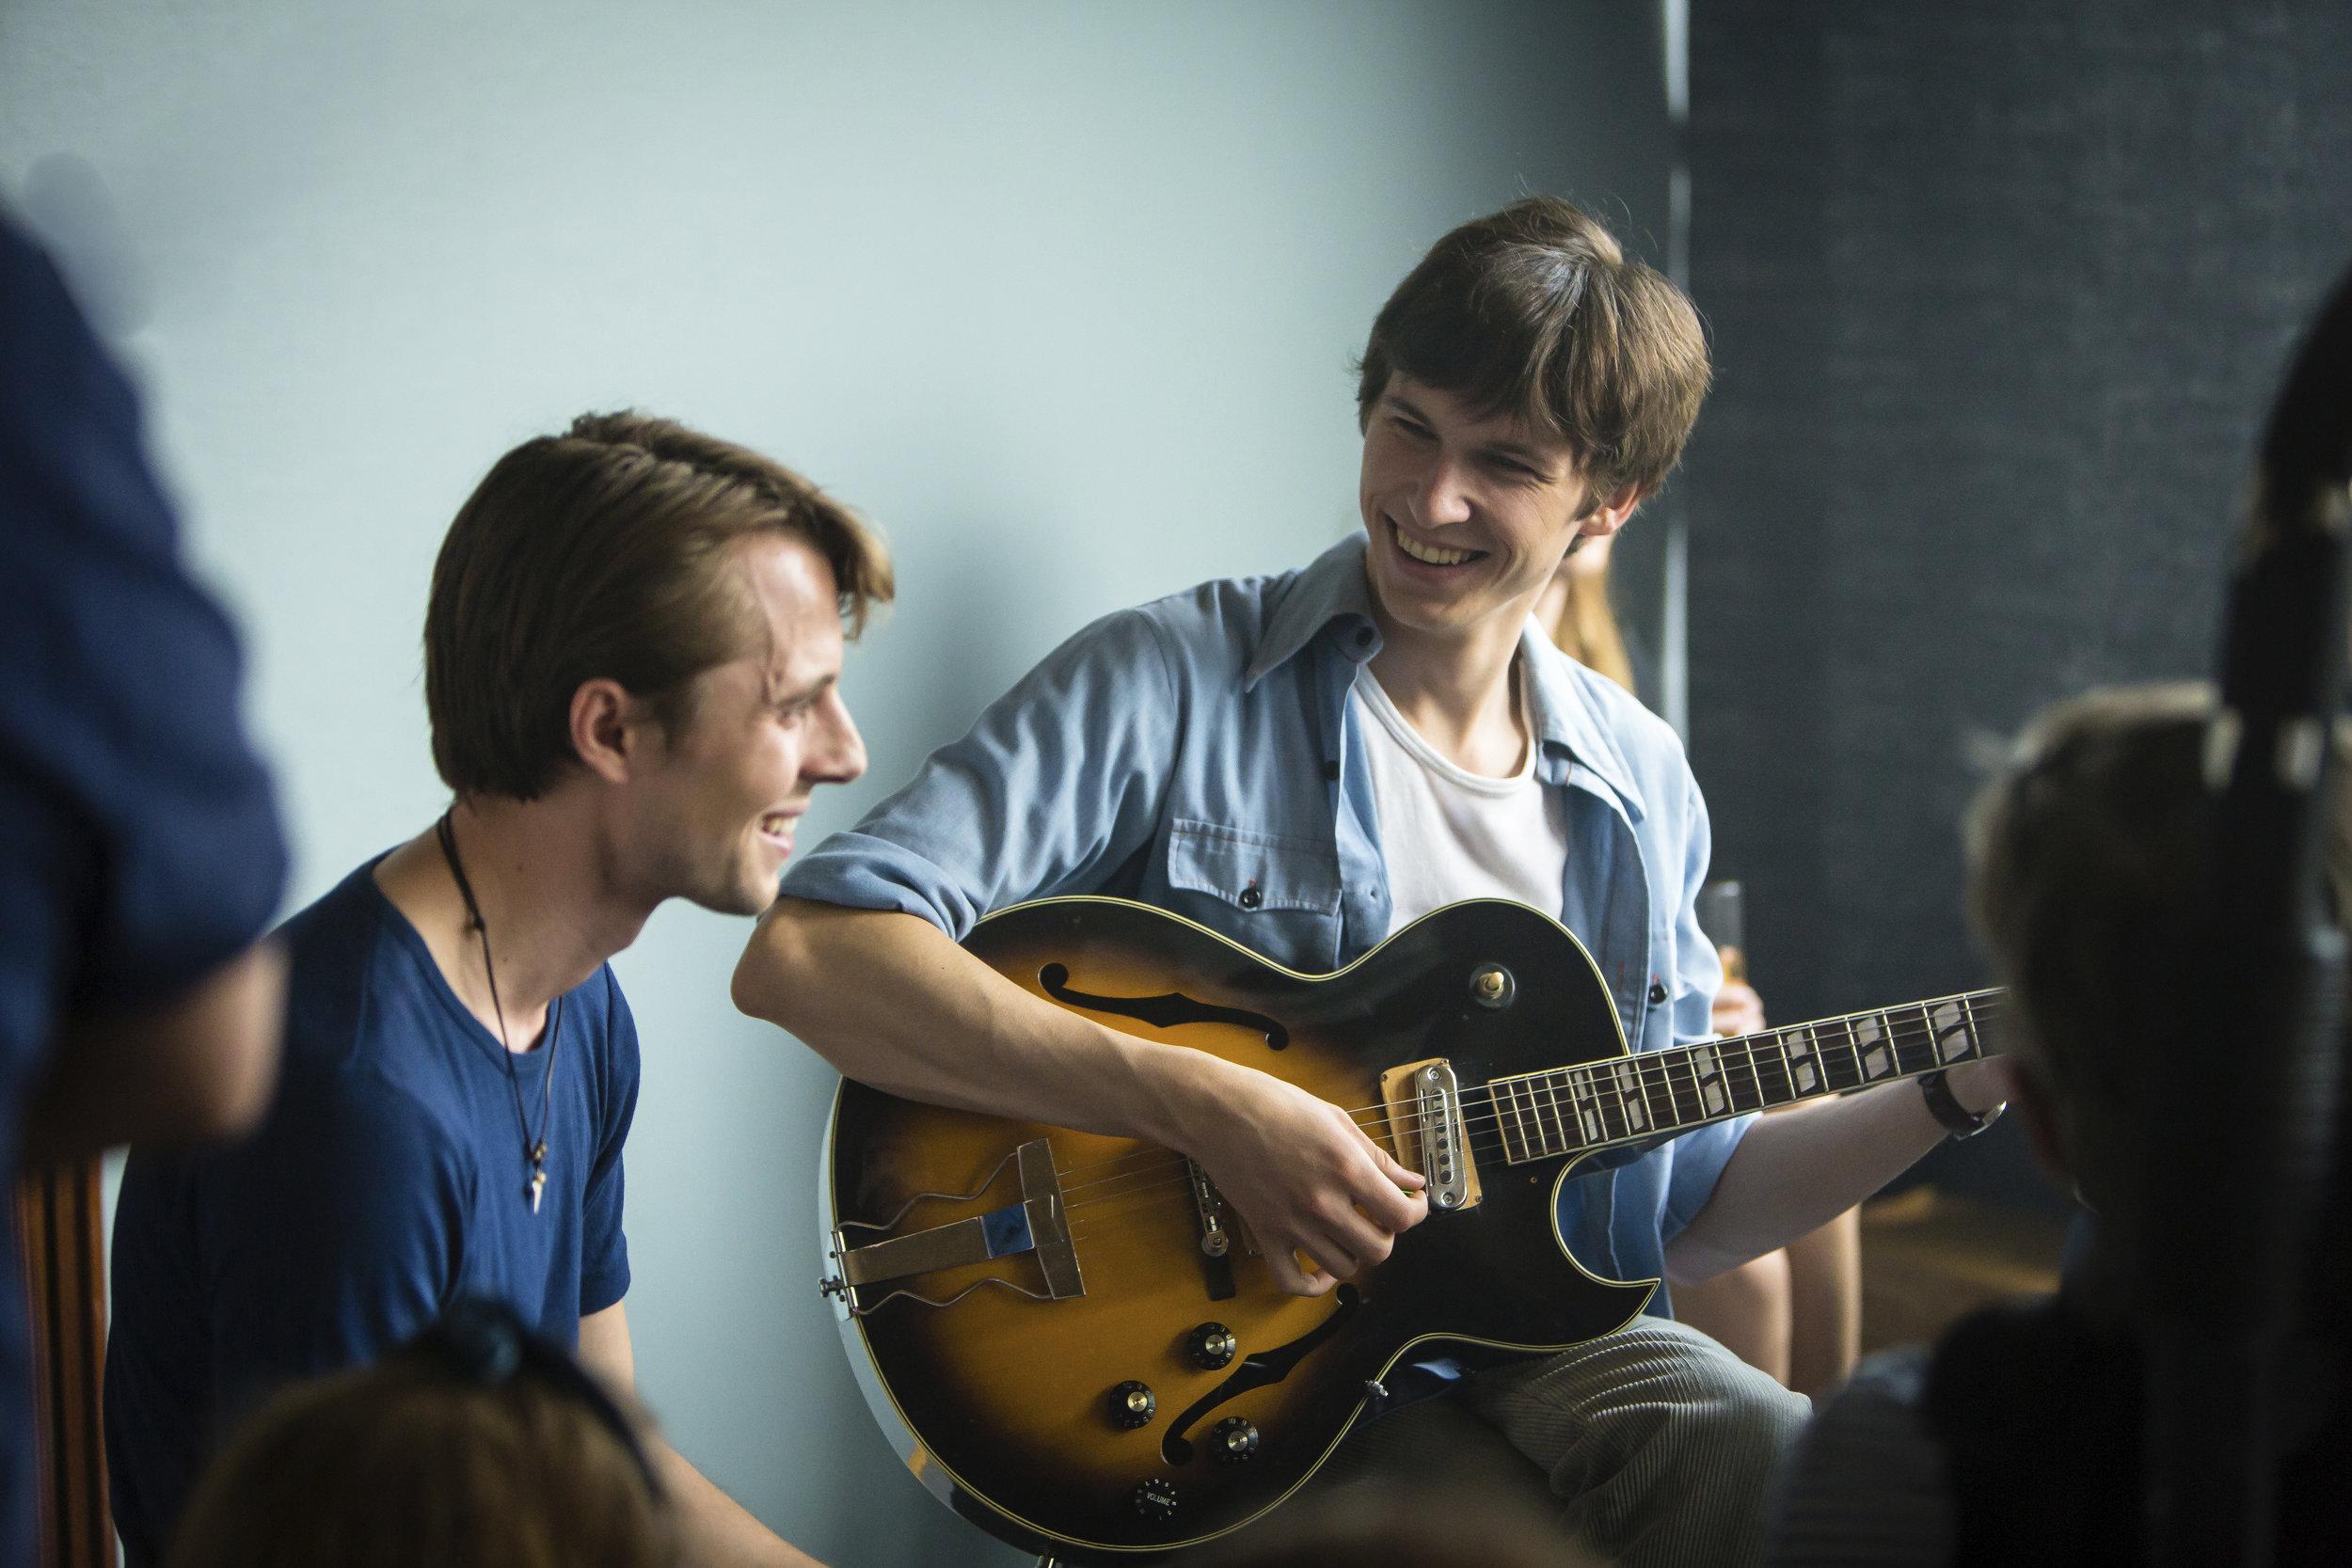 LYKKELAND_Damon og Christian_Foto_Marius Vervik_NRK_Maipo Film (1).jpg